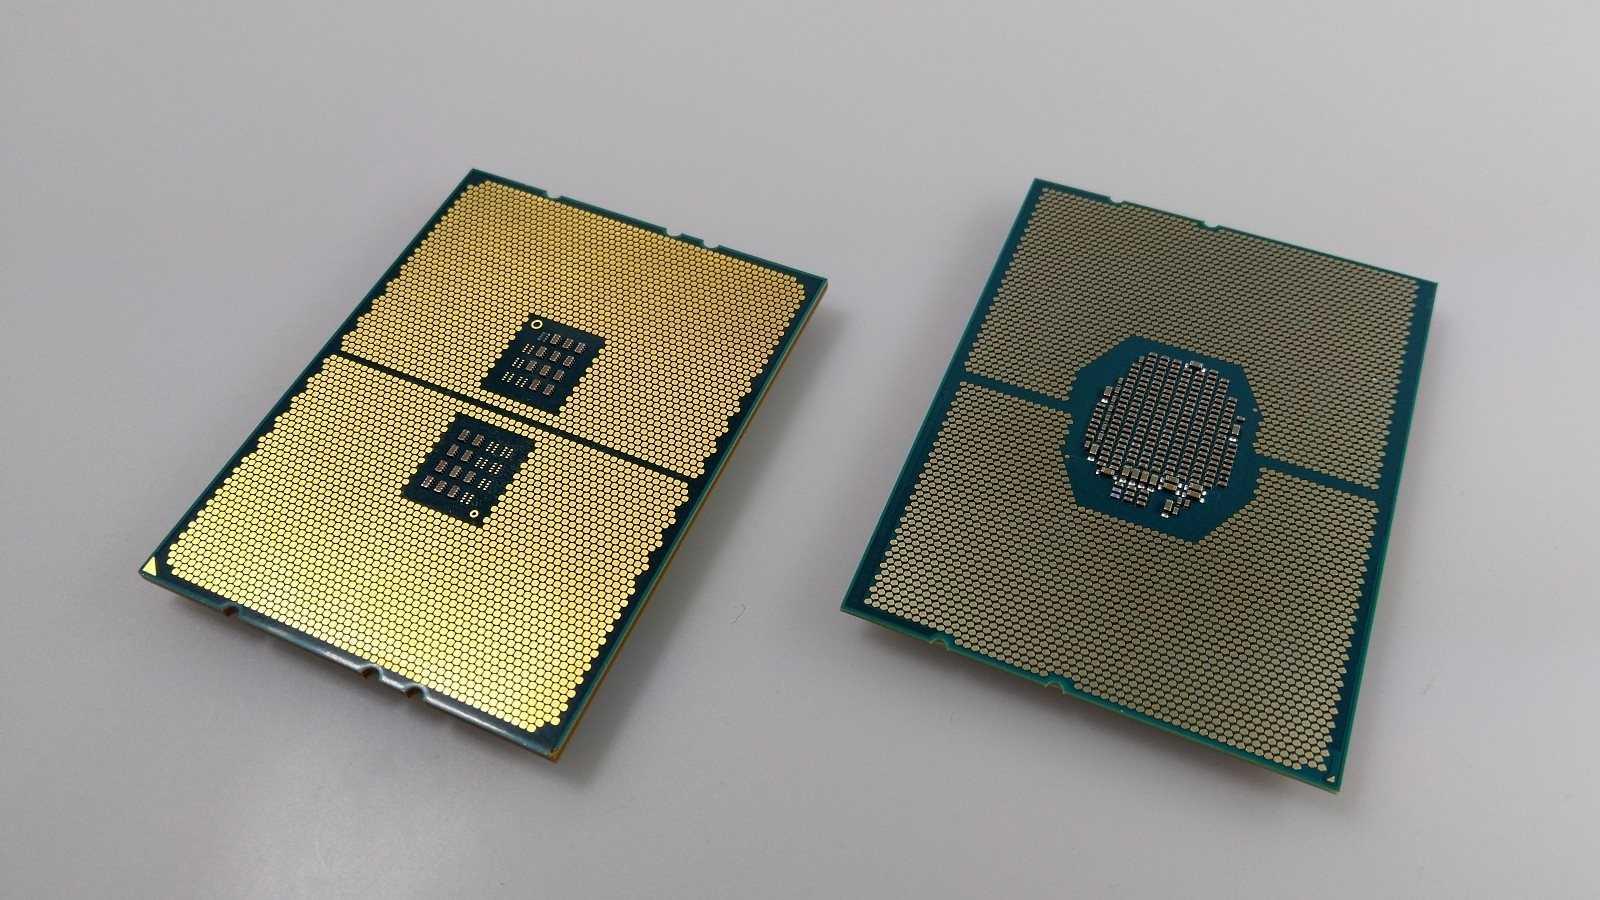 Ryzen Threadripper (links) und Xeon W-3175X unterscheiden sich kaum in der Größe.